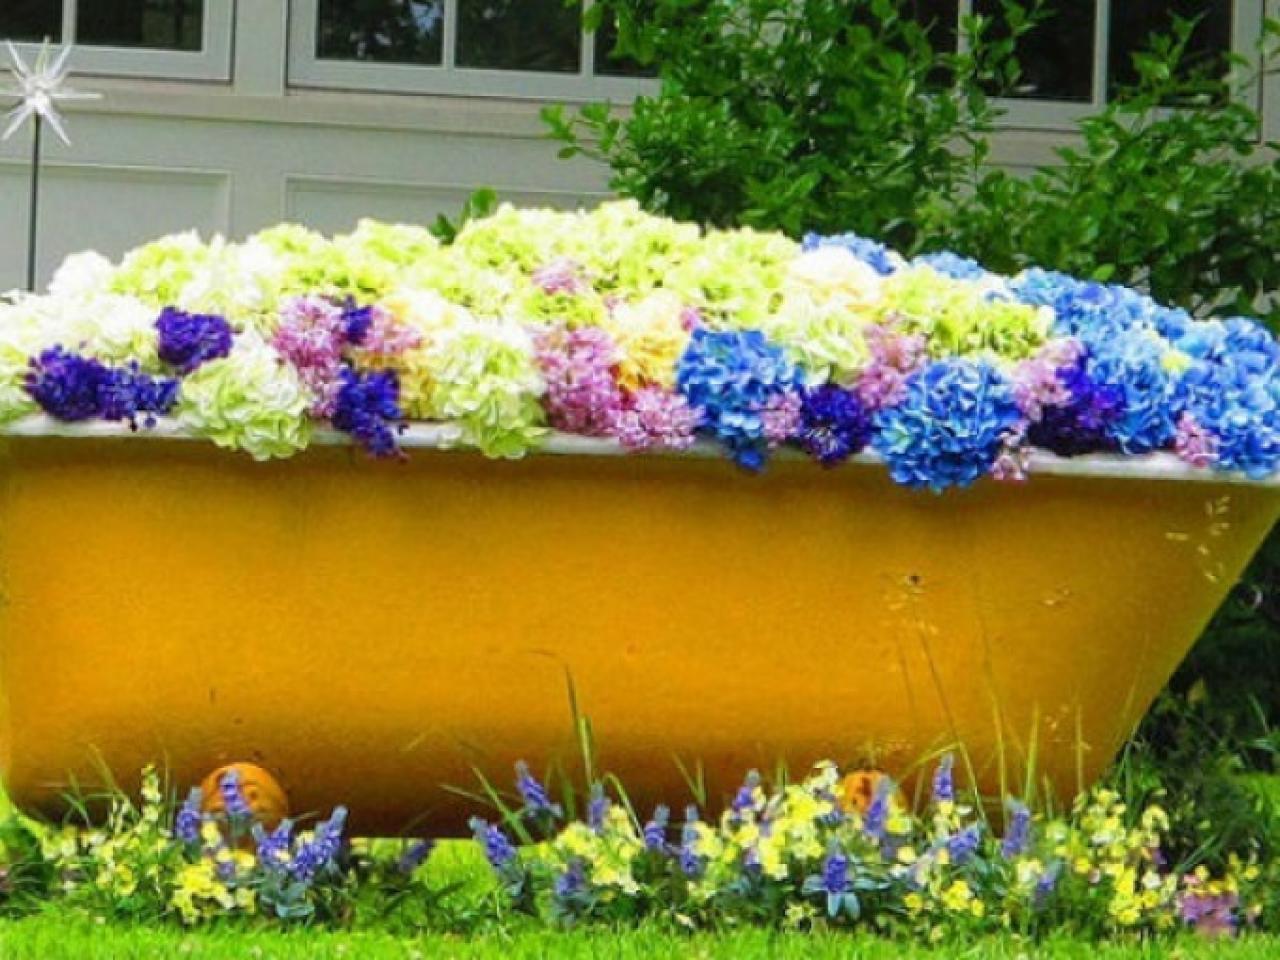 Diez ideas para decorar el hogar con elementos reciclados for America todo un inmenso jardin